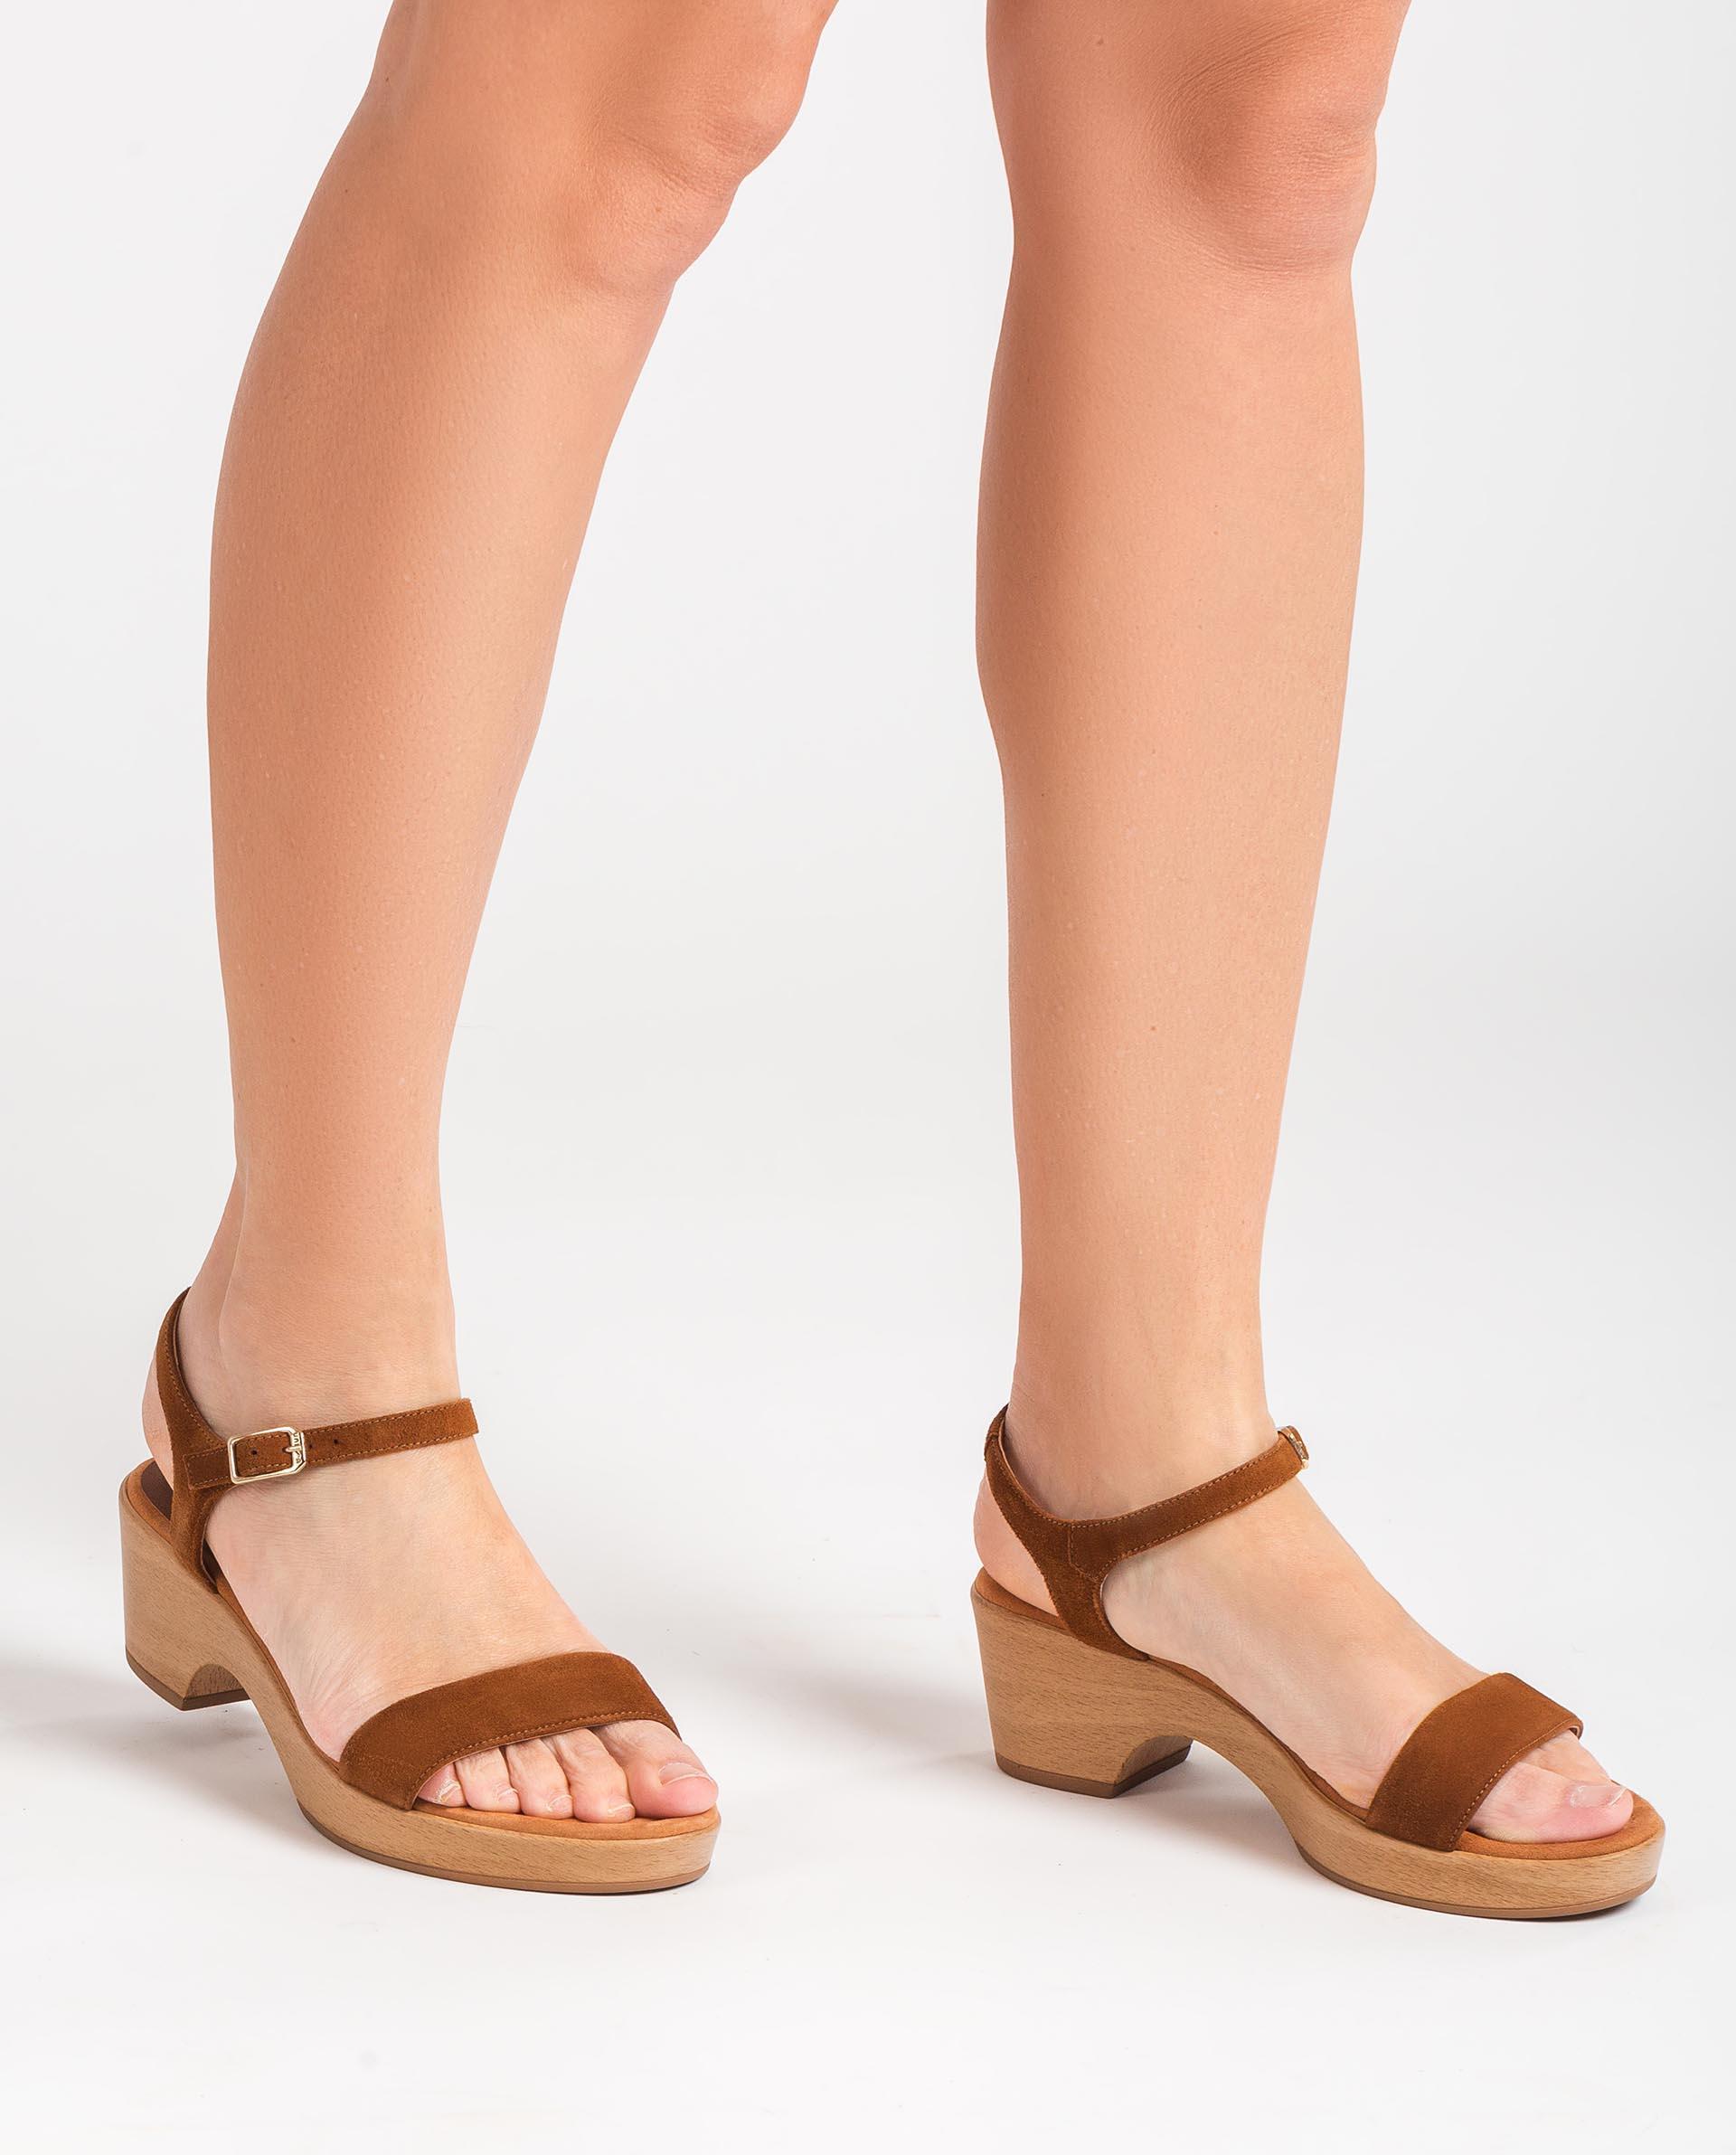 Unisa Sandals IRITA_21_KS argan